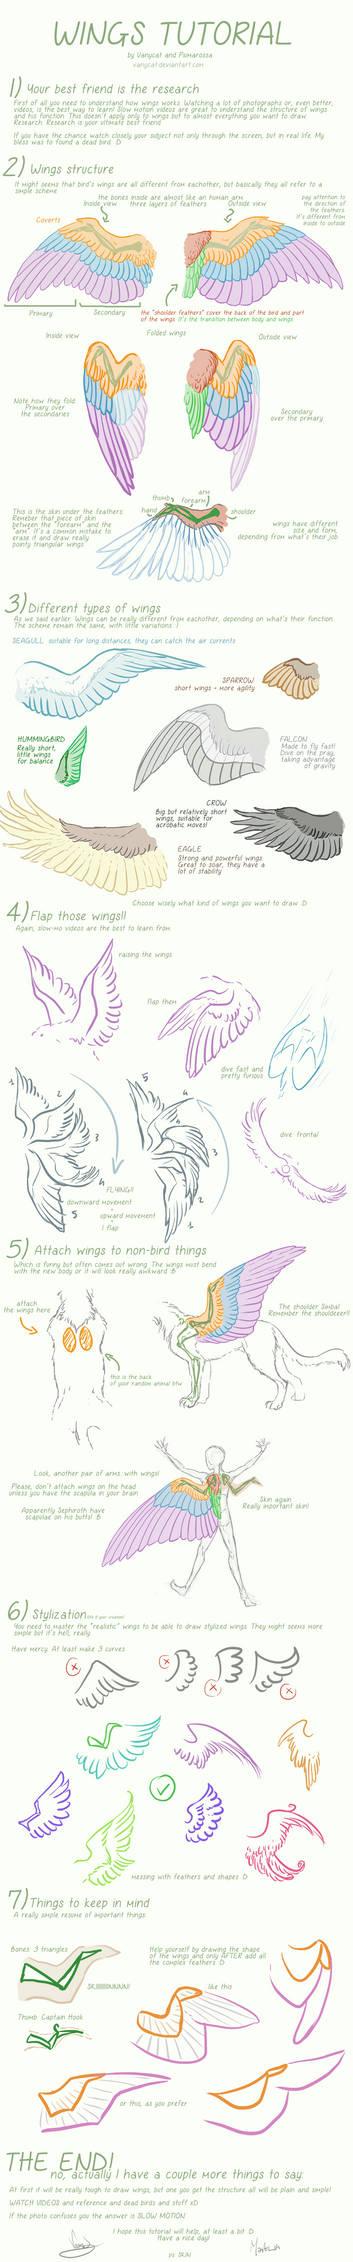 Wings Tutorial by Vanycat by VanyCat